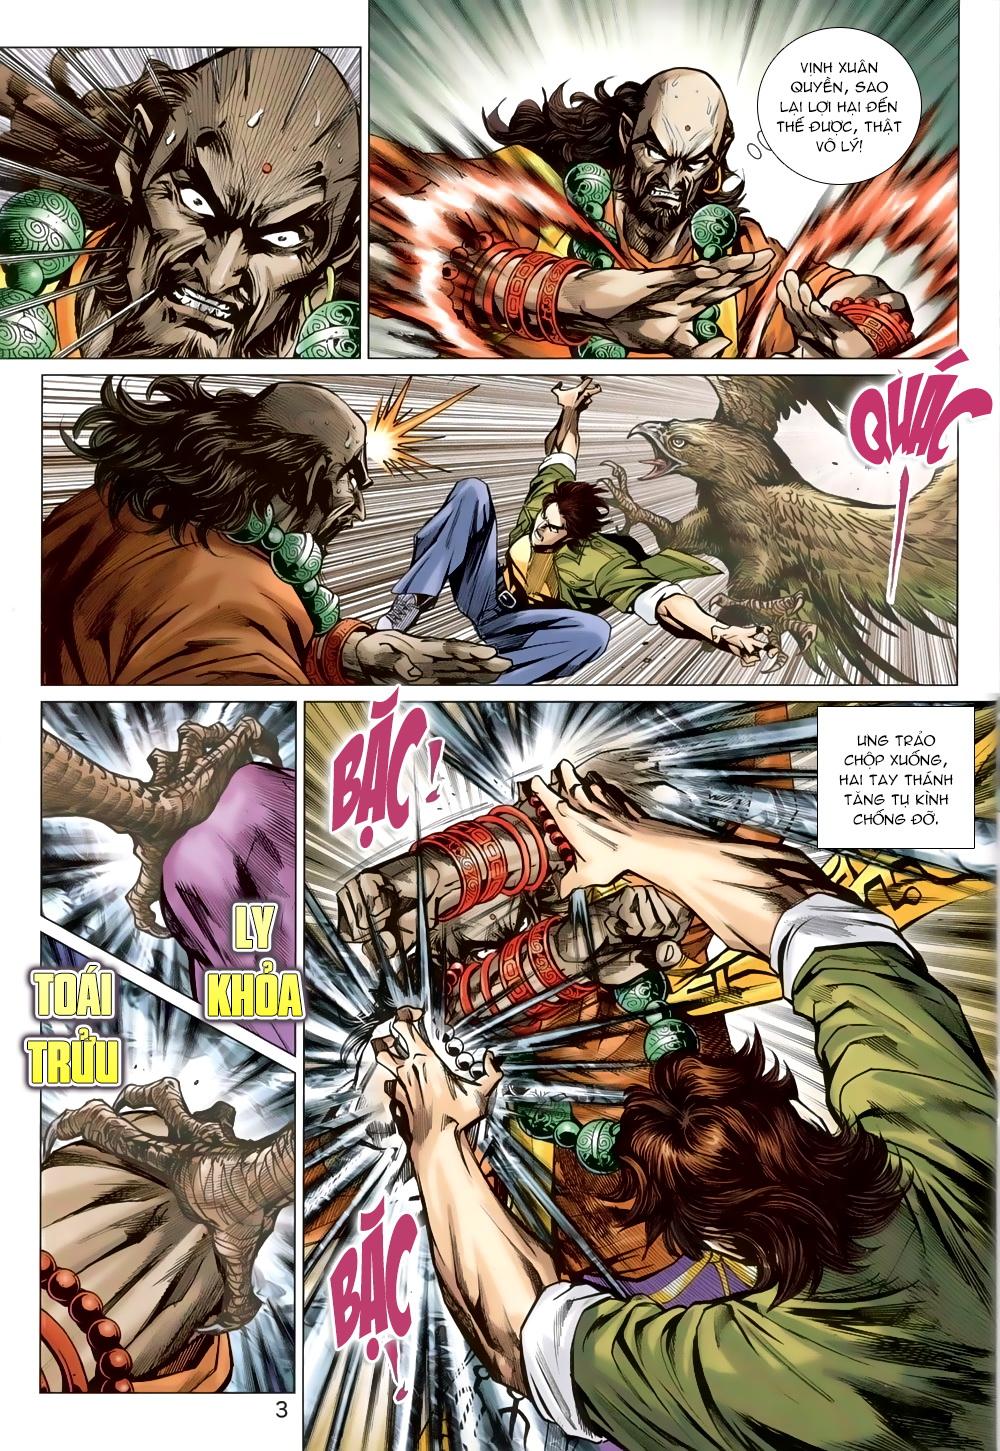 Tân Tác Long Hổ Môn chap 820 Trang 3 - Mangak.info